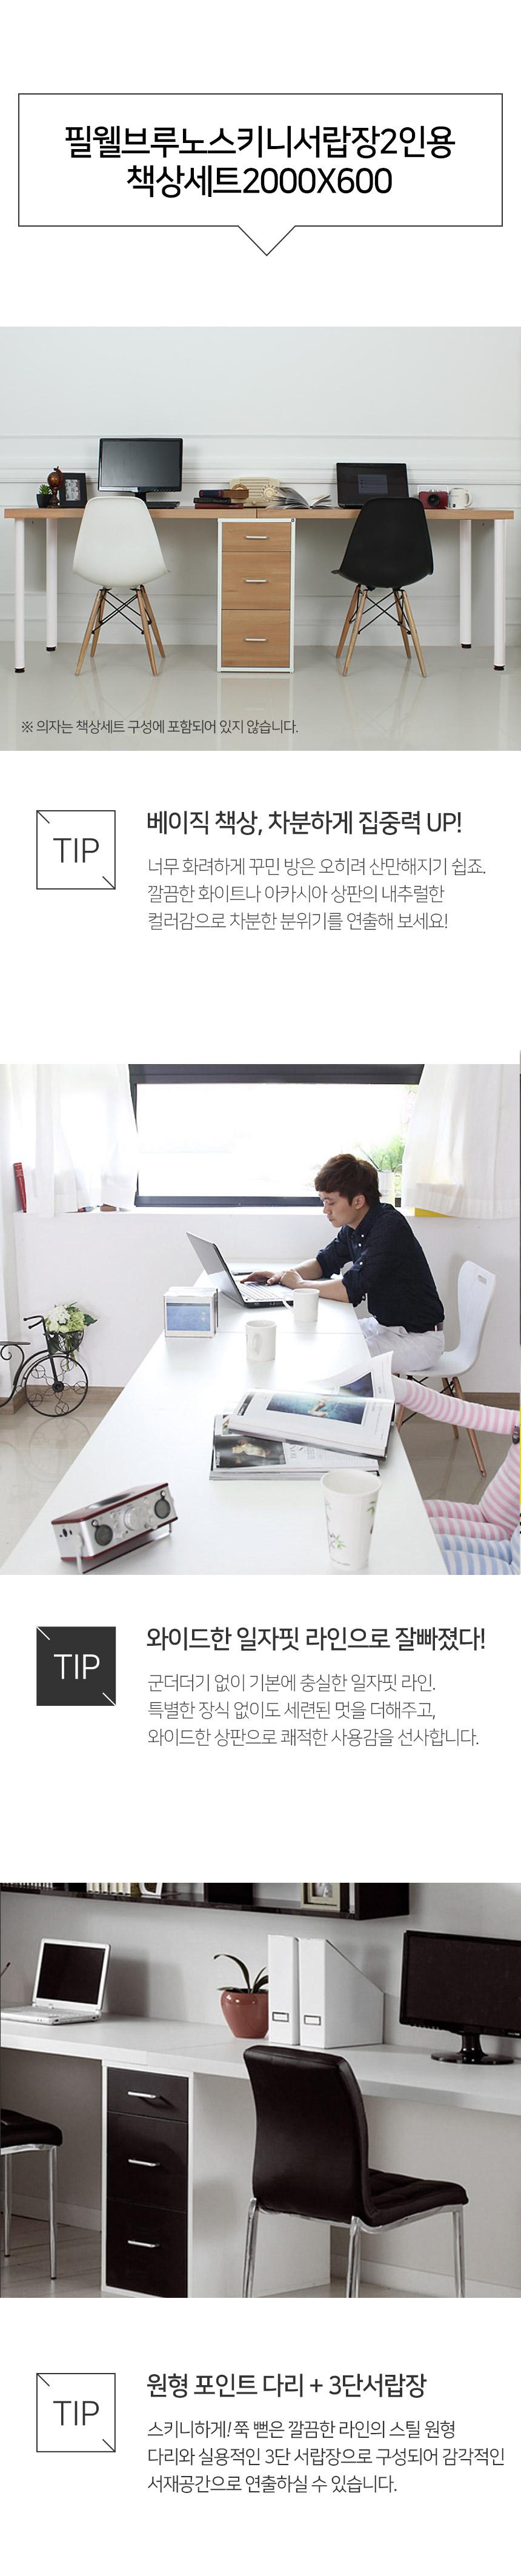 필웰브루노스키니서랍장2인용책상세트2000x600  DK9611 - 필웰, 179,000원, 책상/의자, 일반 책상